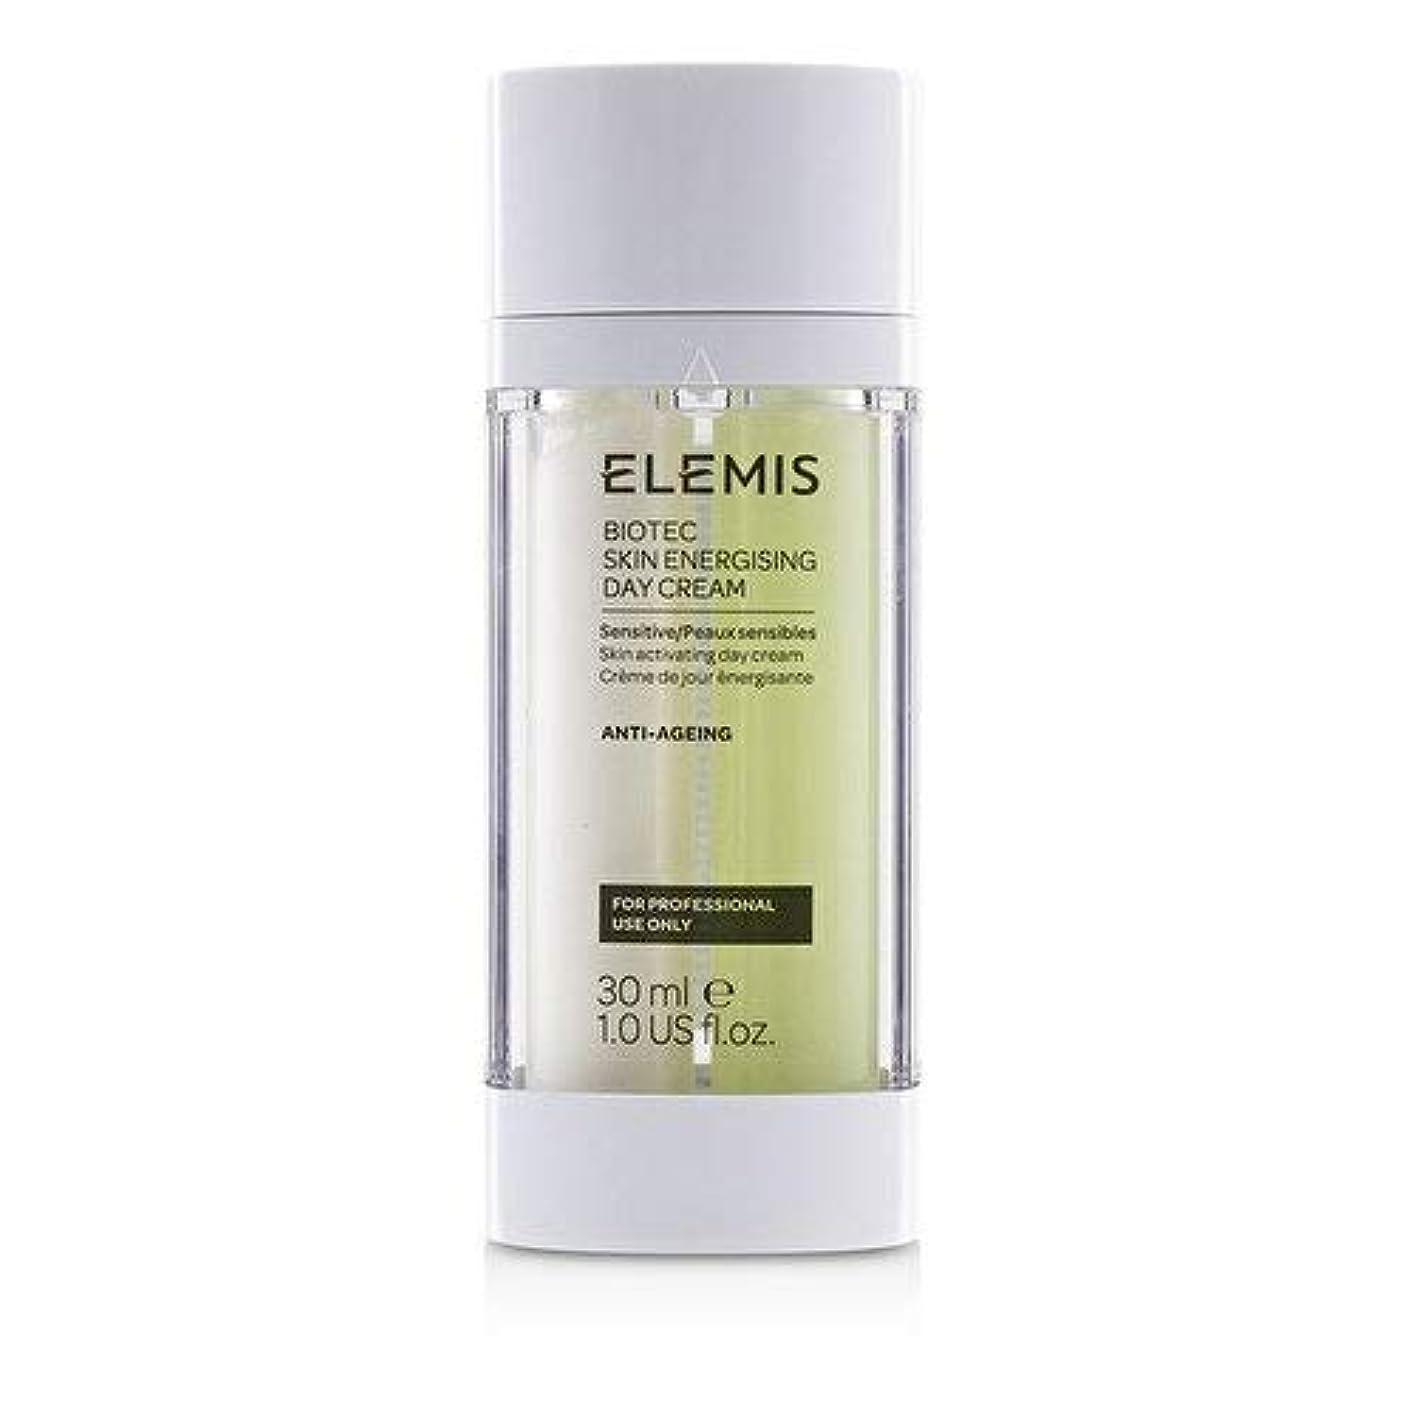 理論的バーゲン靴エレミス BIOTEC Skin Energising Day Cream - Sensitive (Salon Product) 30ml/1oz並行輸入品